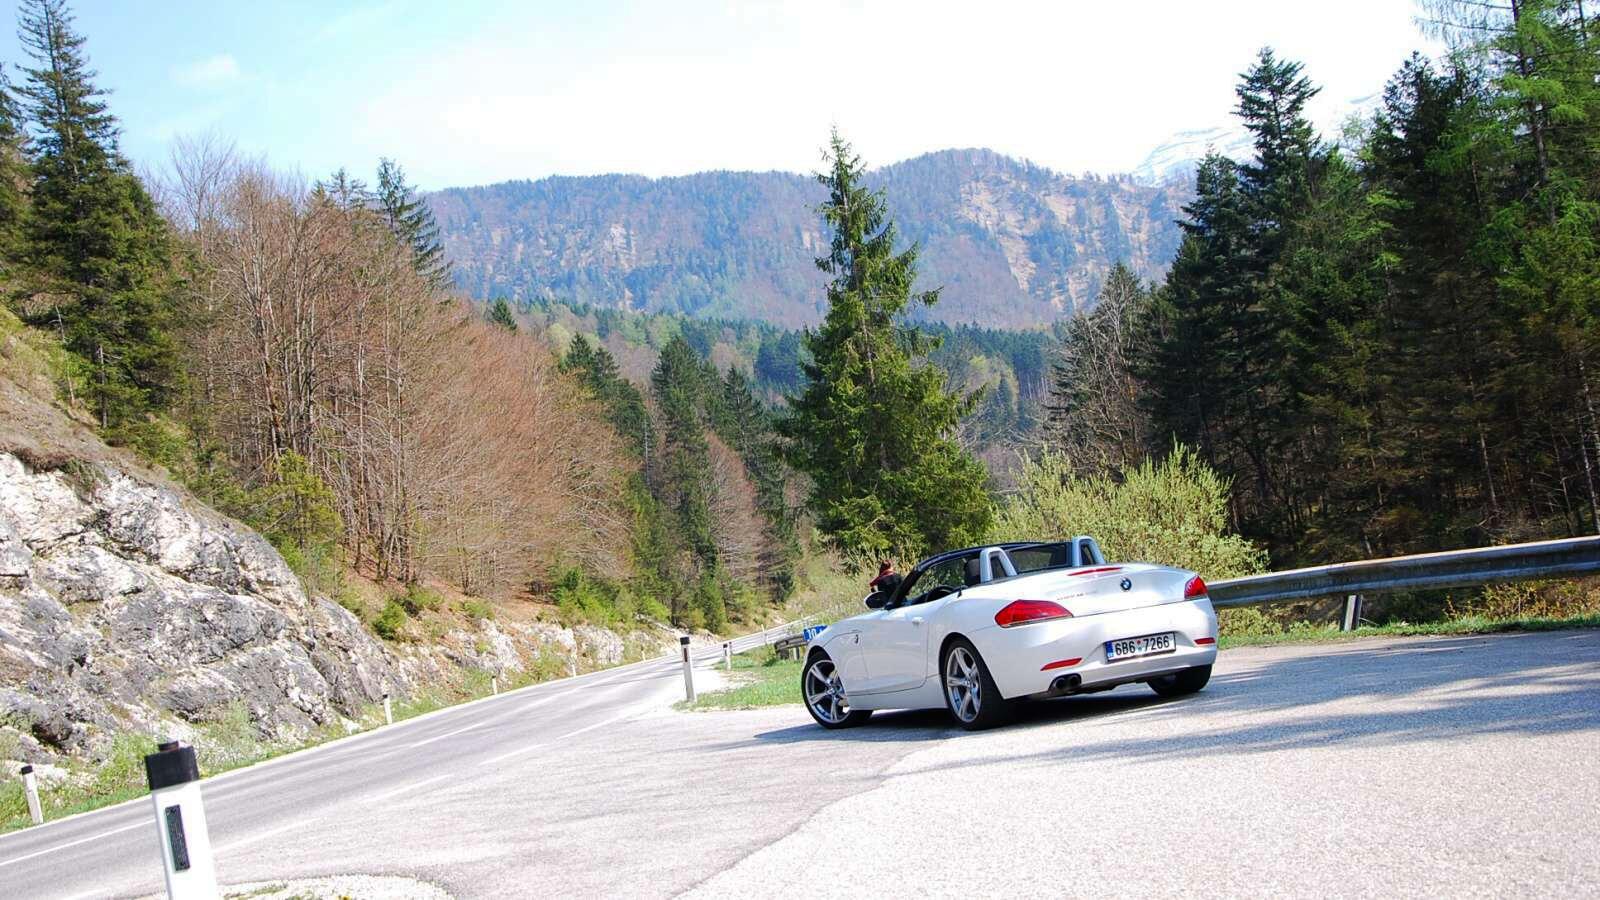 Krásná silnice lesem s BMW Z4